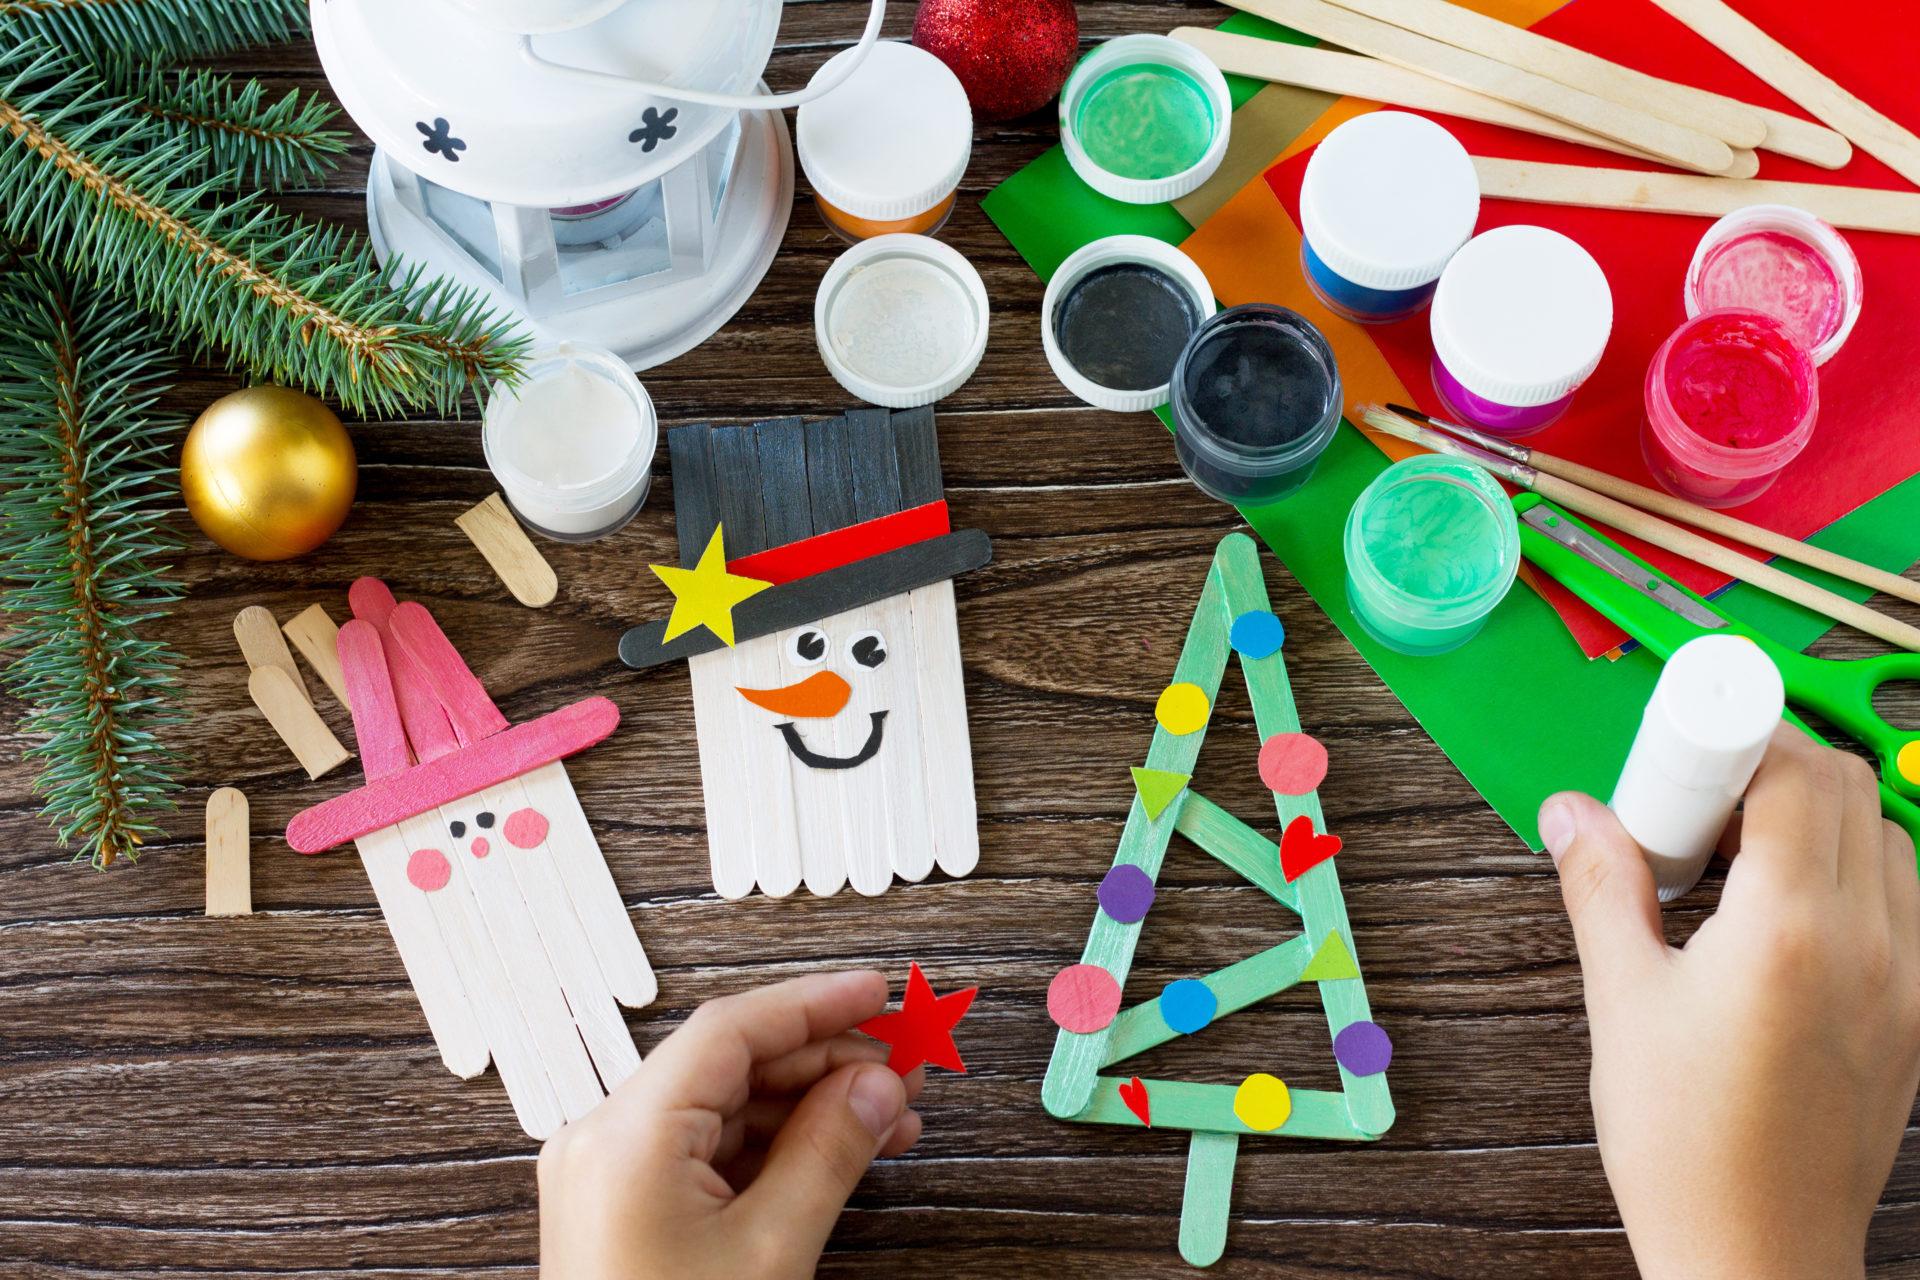 Décorer Son Sapin De Noël Avec Des Objets Fabriqués Par Les tout Activité Manuelle Noel 3 Ans